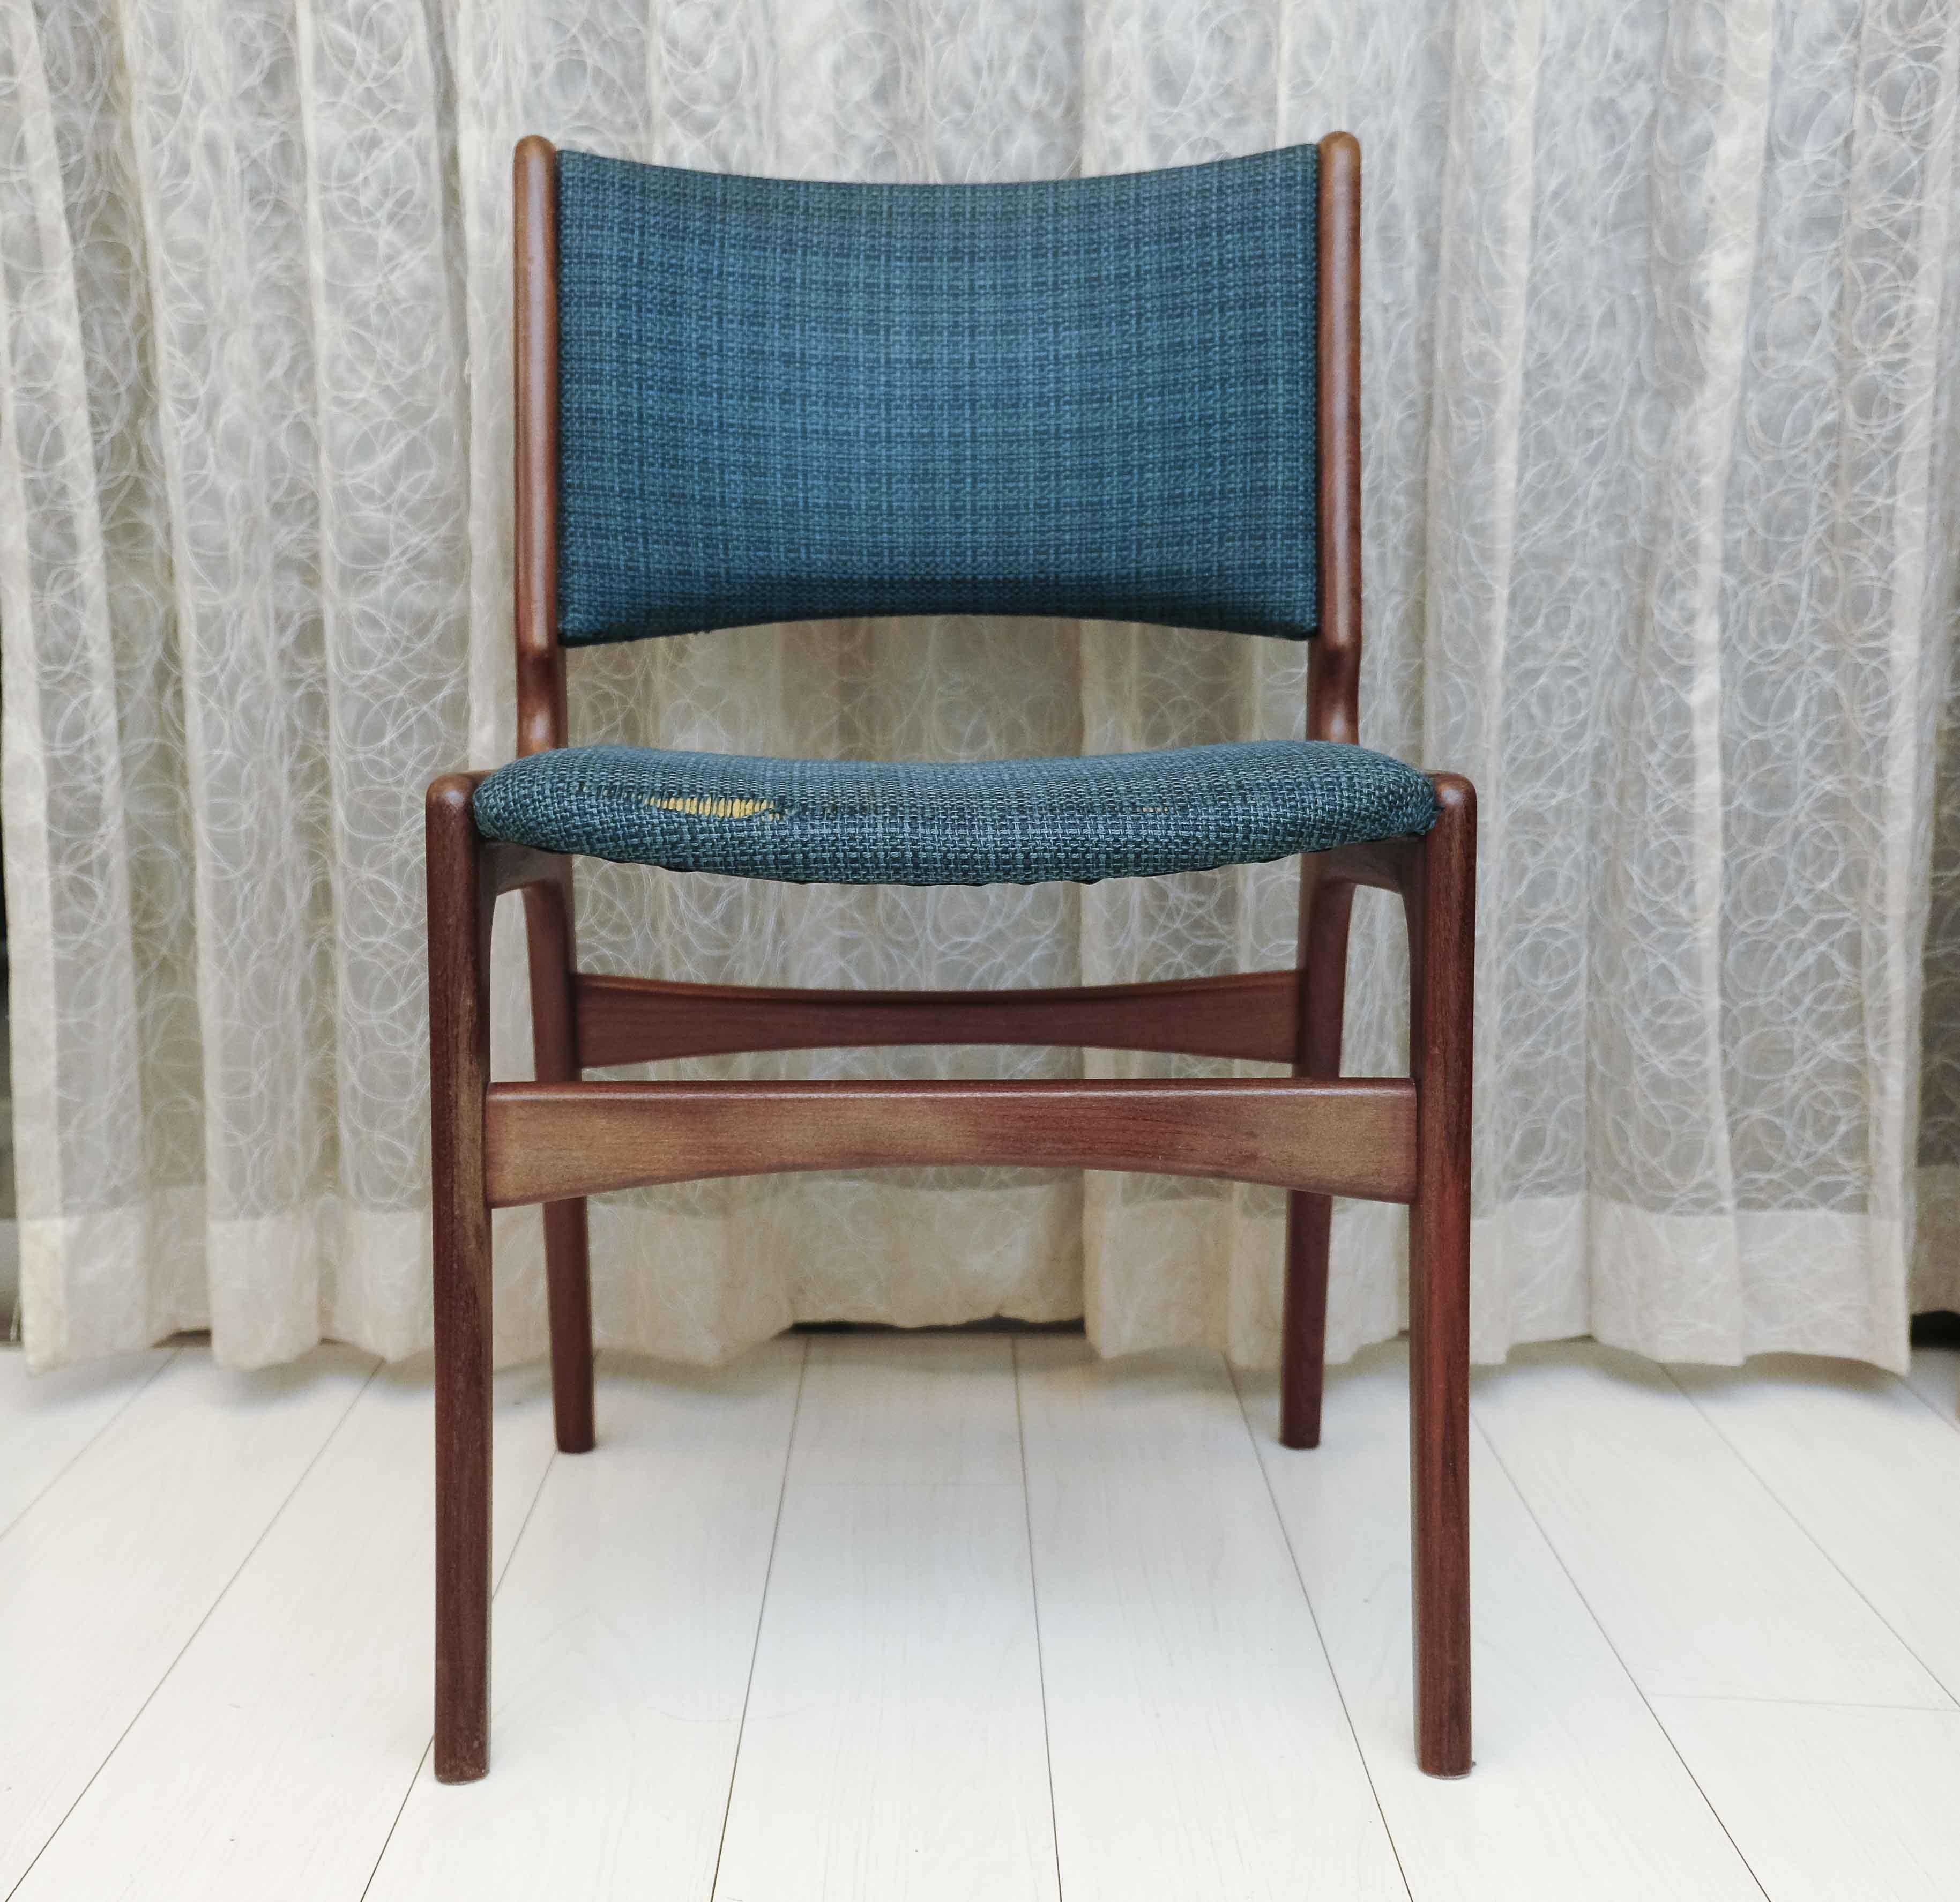 椅子の全貌。私にとっては脚が長い。